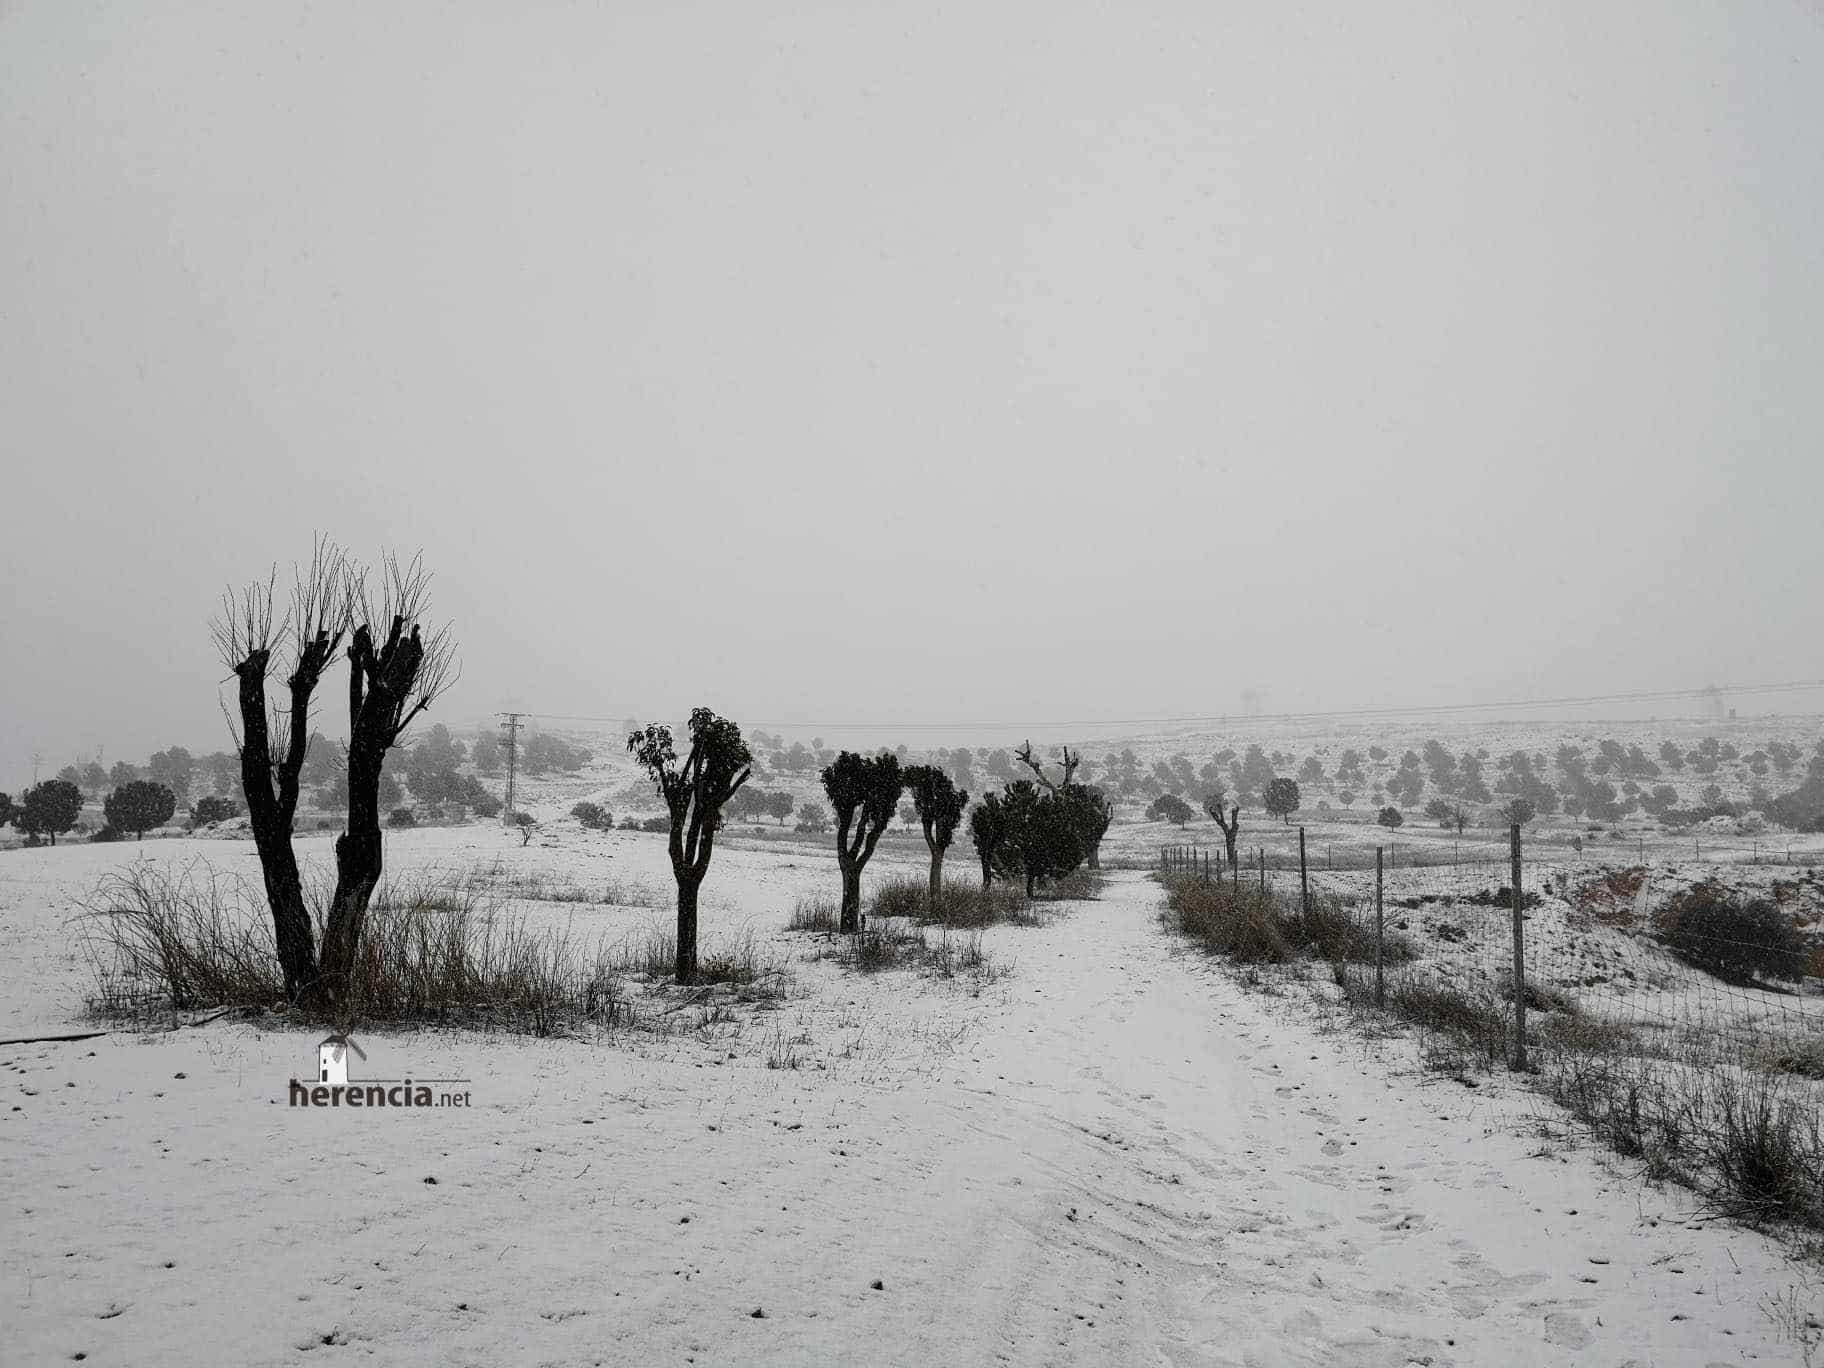 Las nevadas llegan Herencia y a toda Castilla-La Mancha (actualizado) 103